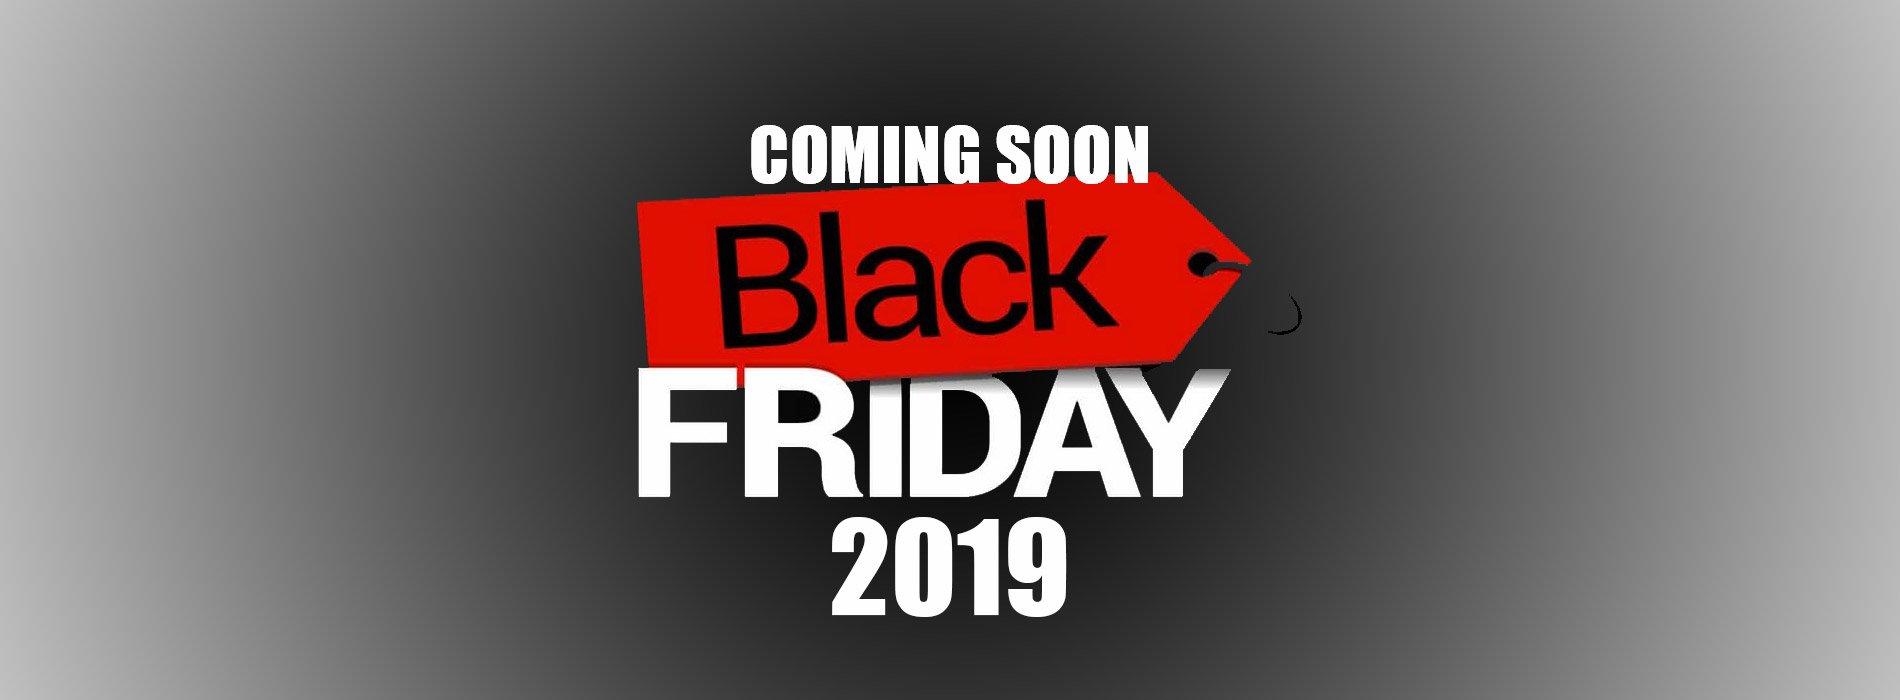 Spy Shop SA Black Friday 2019